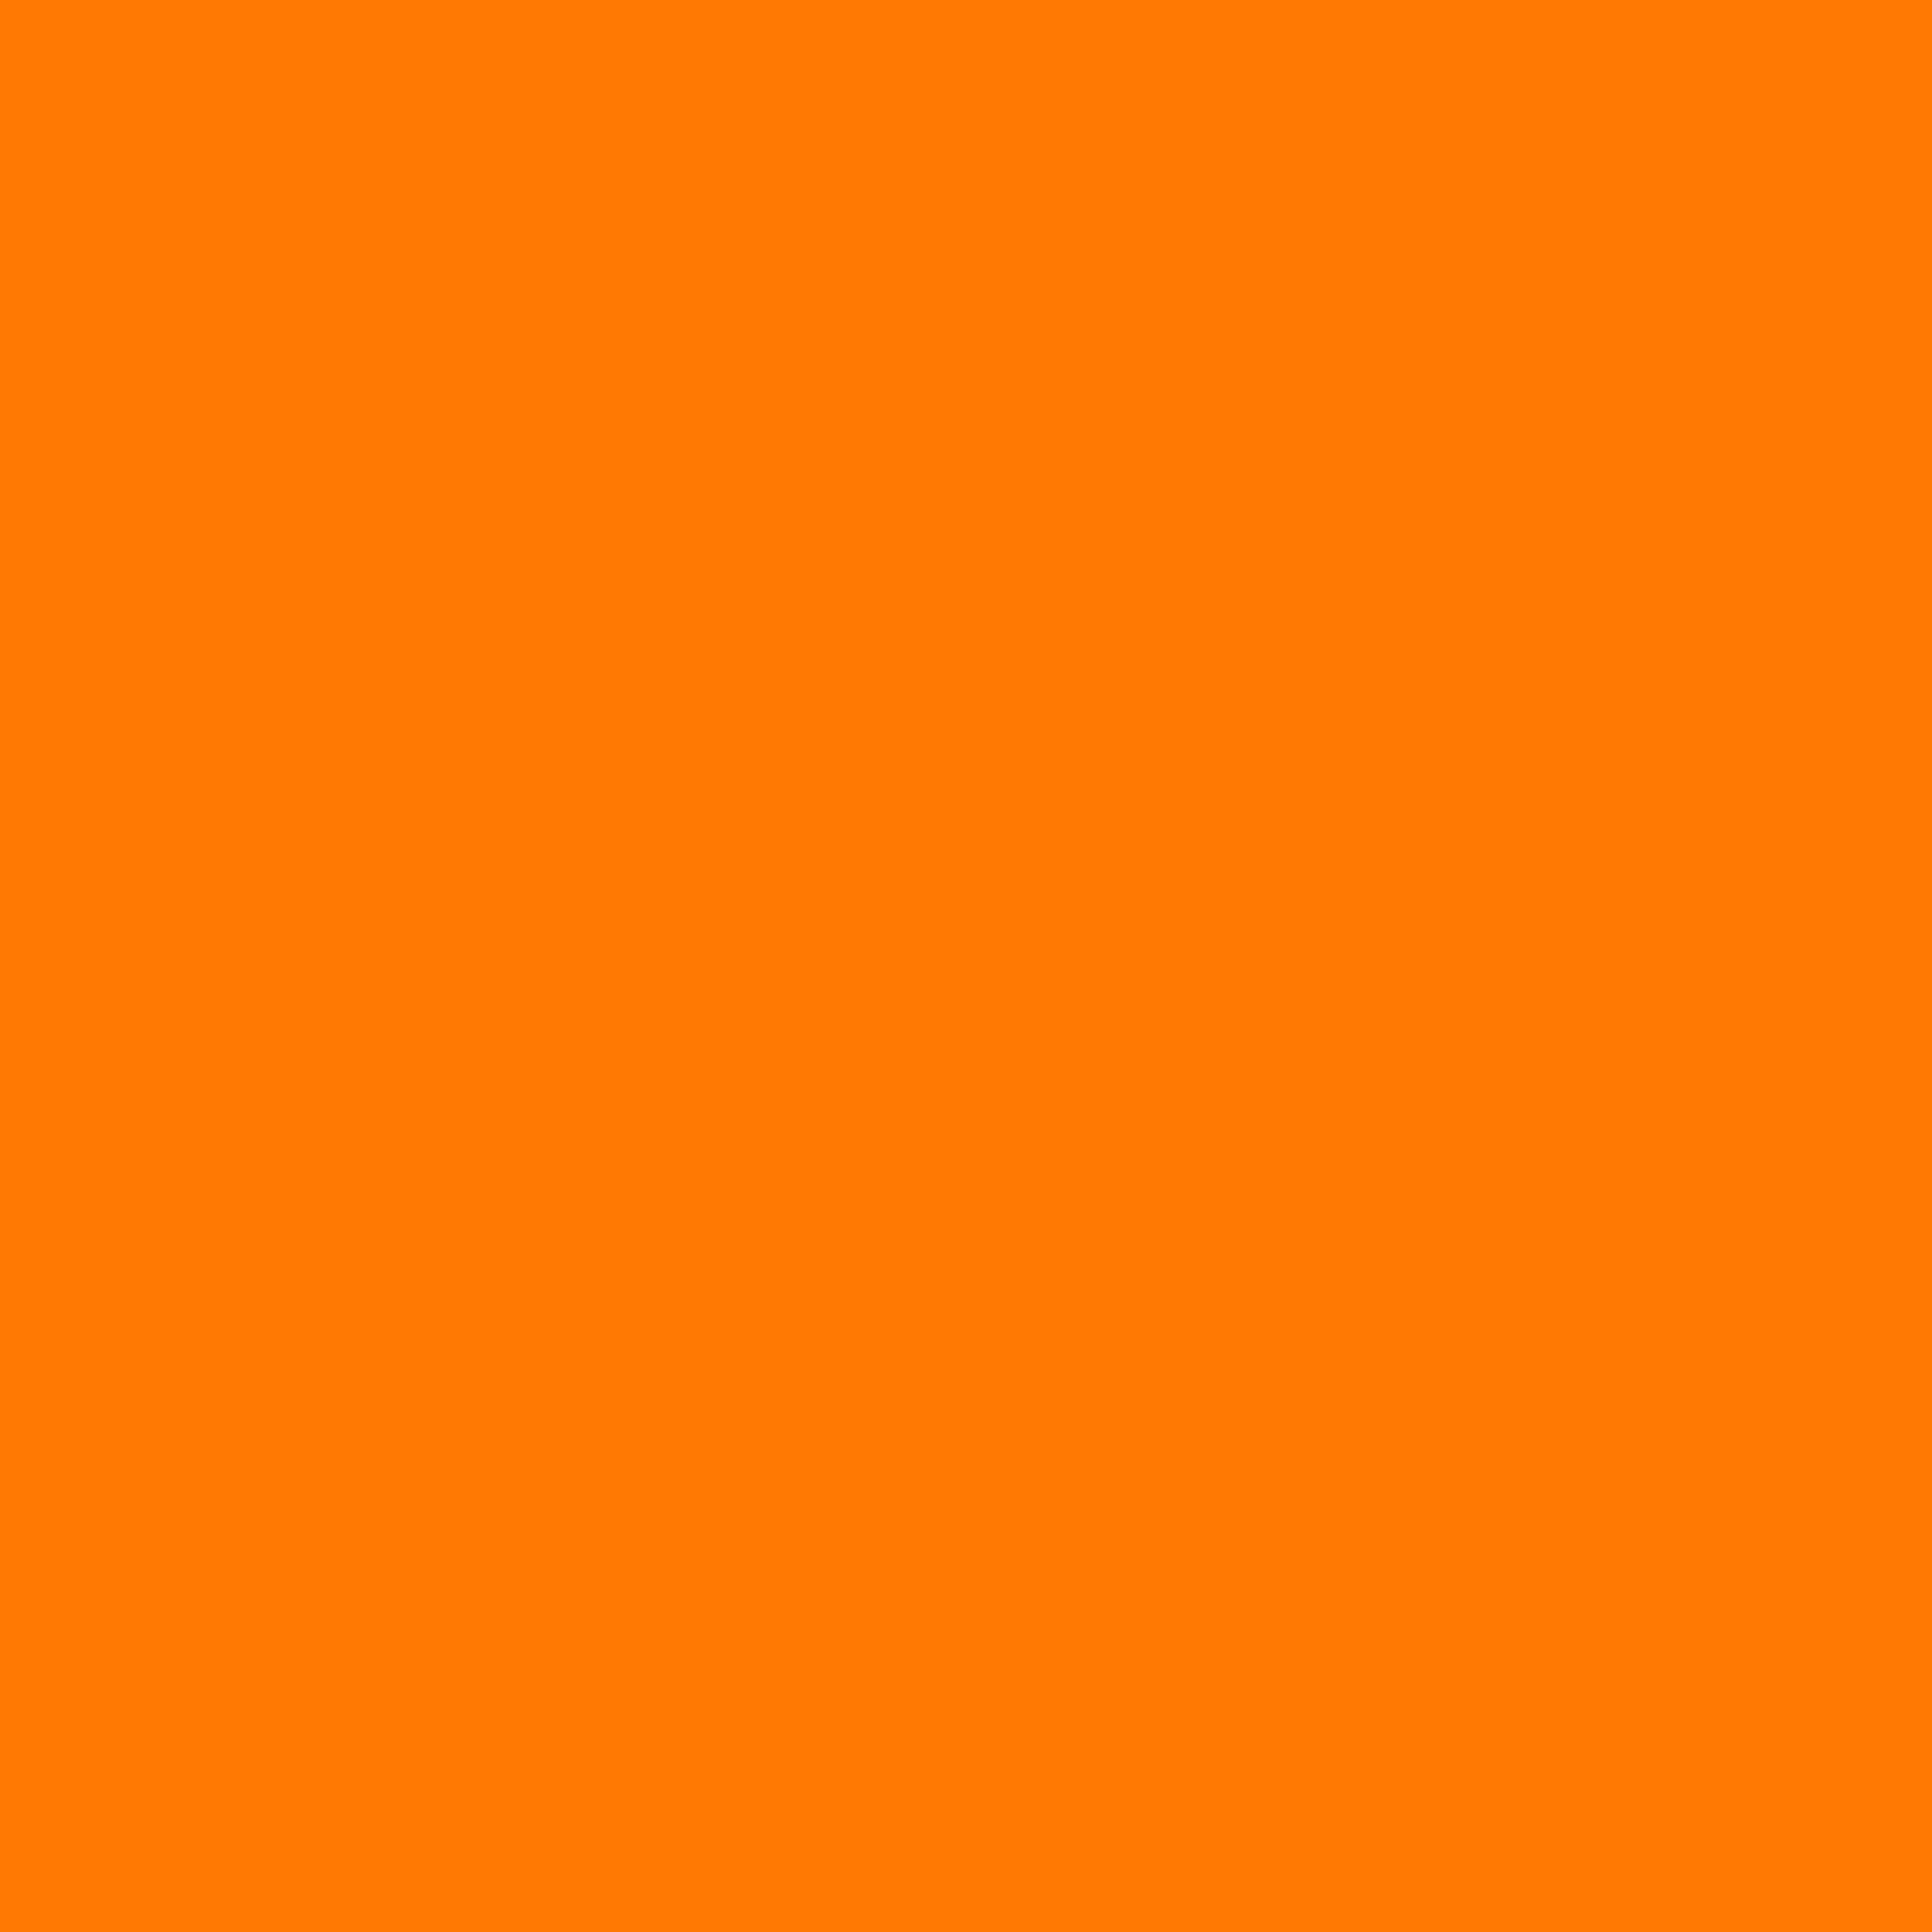 Orange, Capri